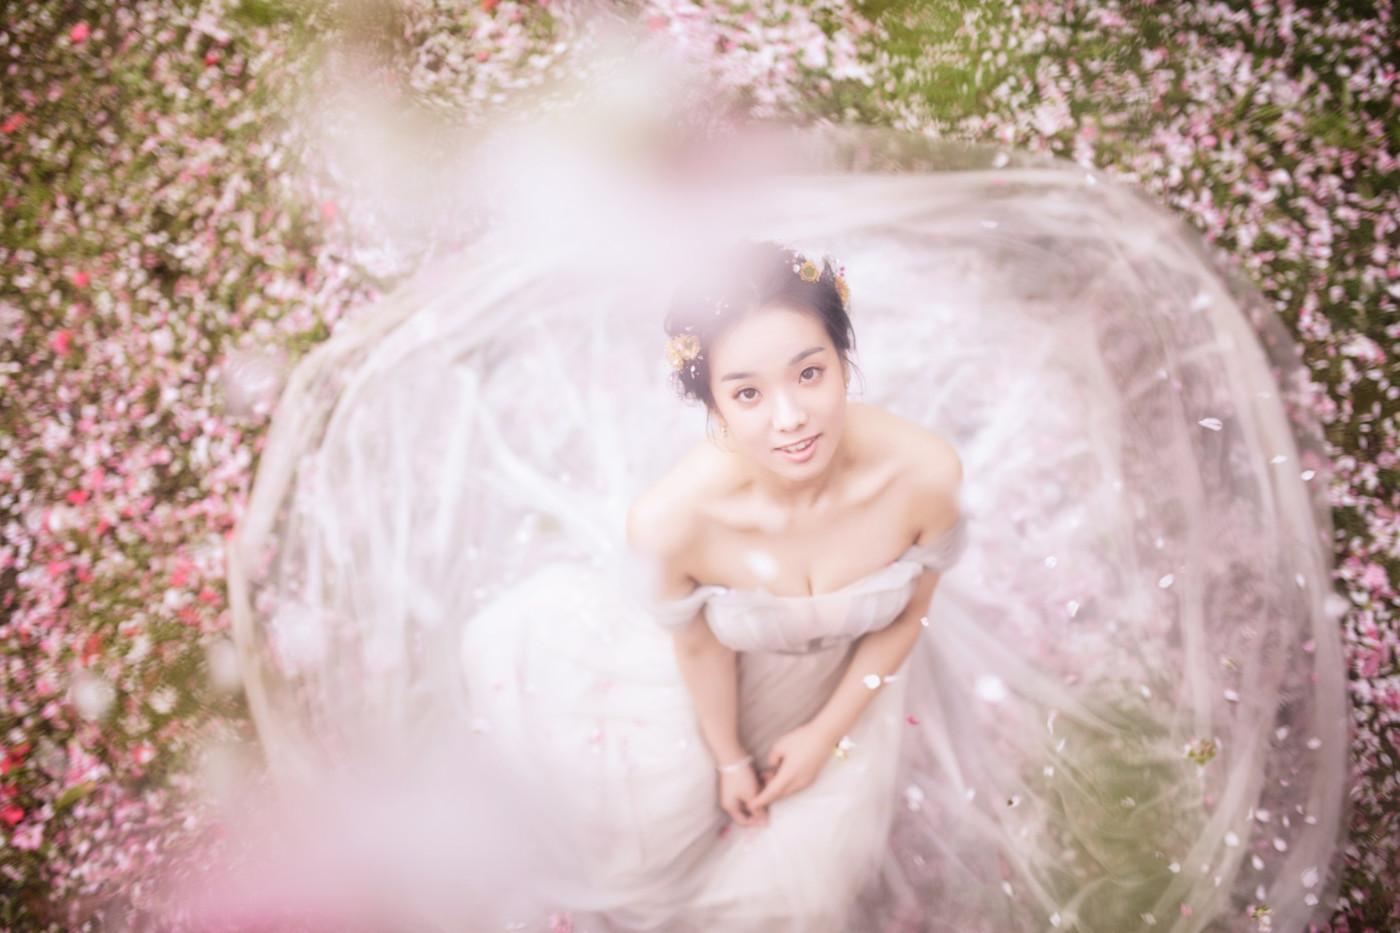 [KAI 旅行婚纱]姑苏城外,夜半钟声33